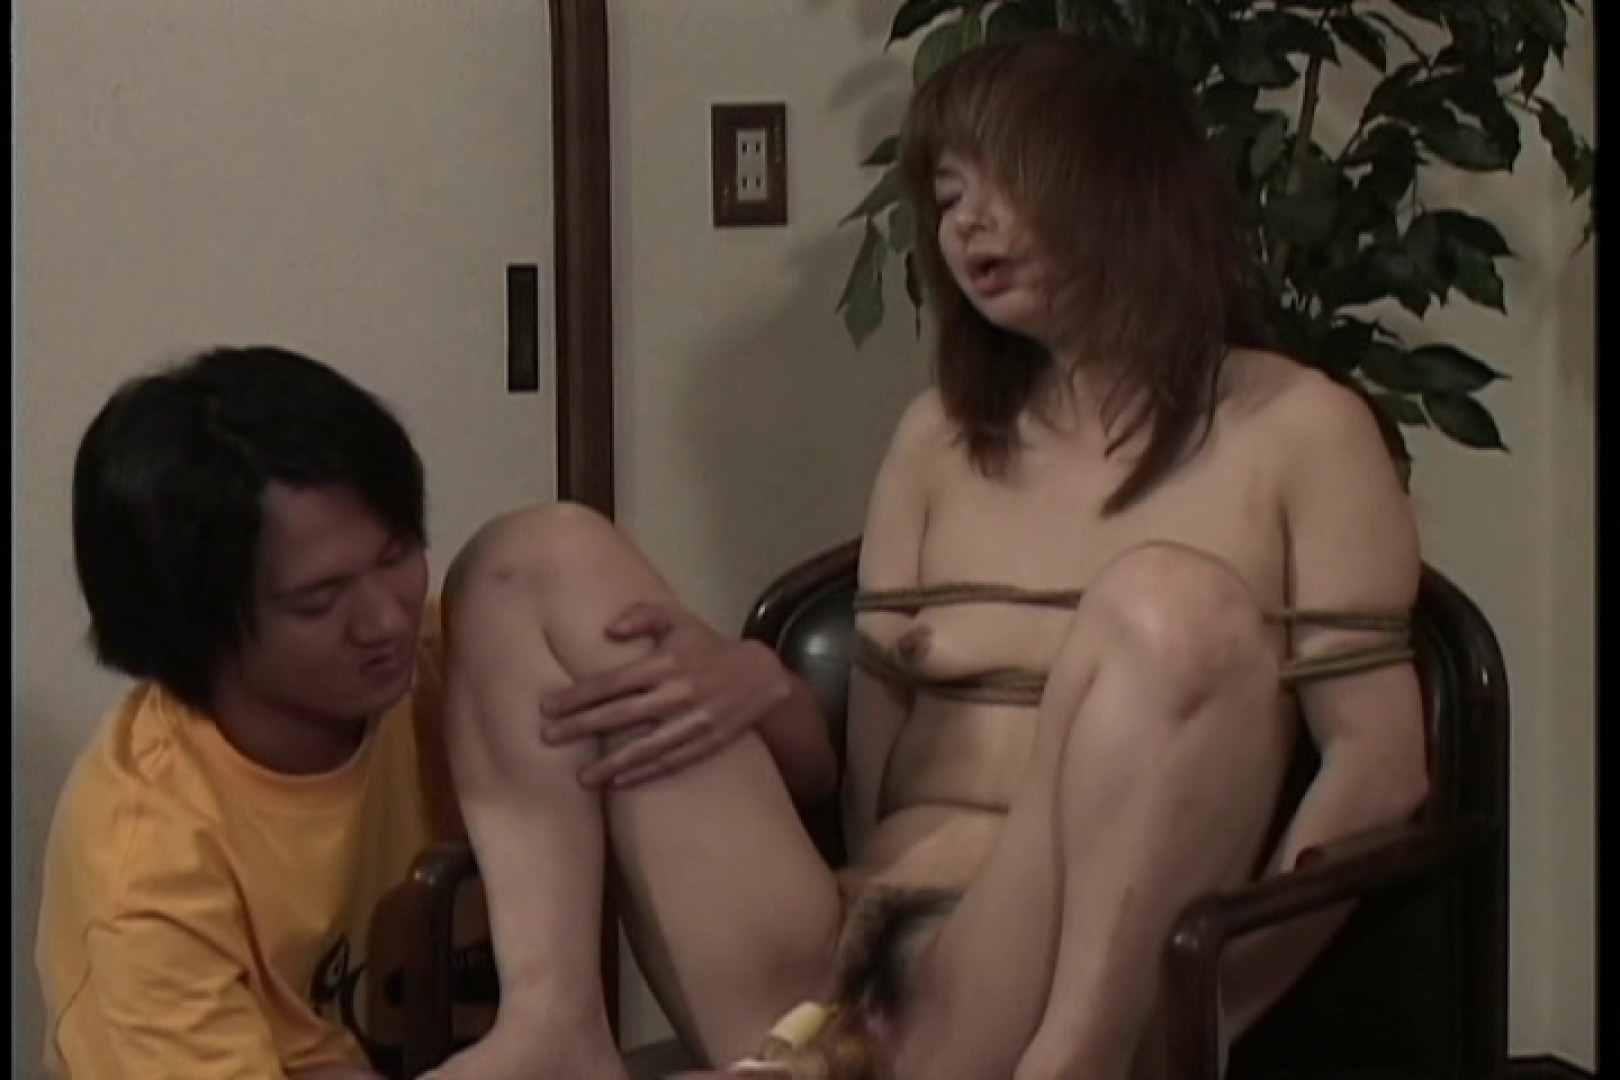 熟女2人の止まらない性欲、男を見れば即欲情~後編 性欲 のぞき動画キャプチャ 74連発 39